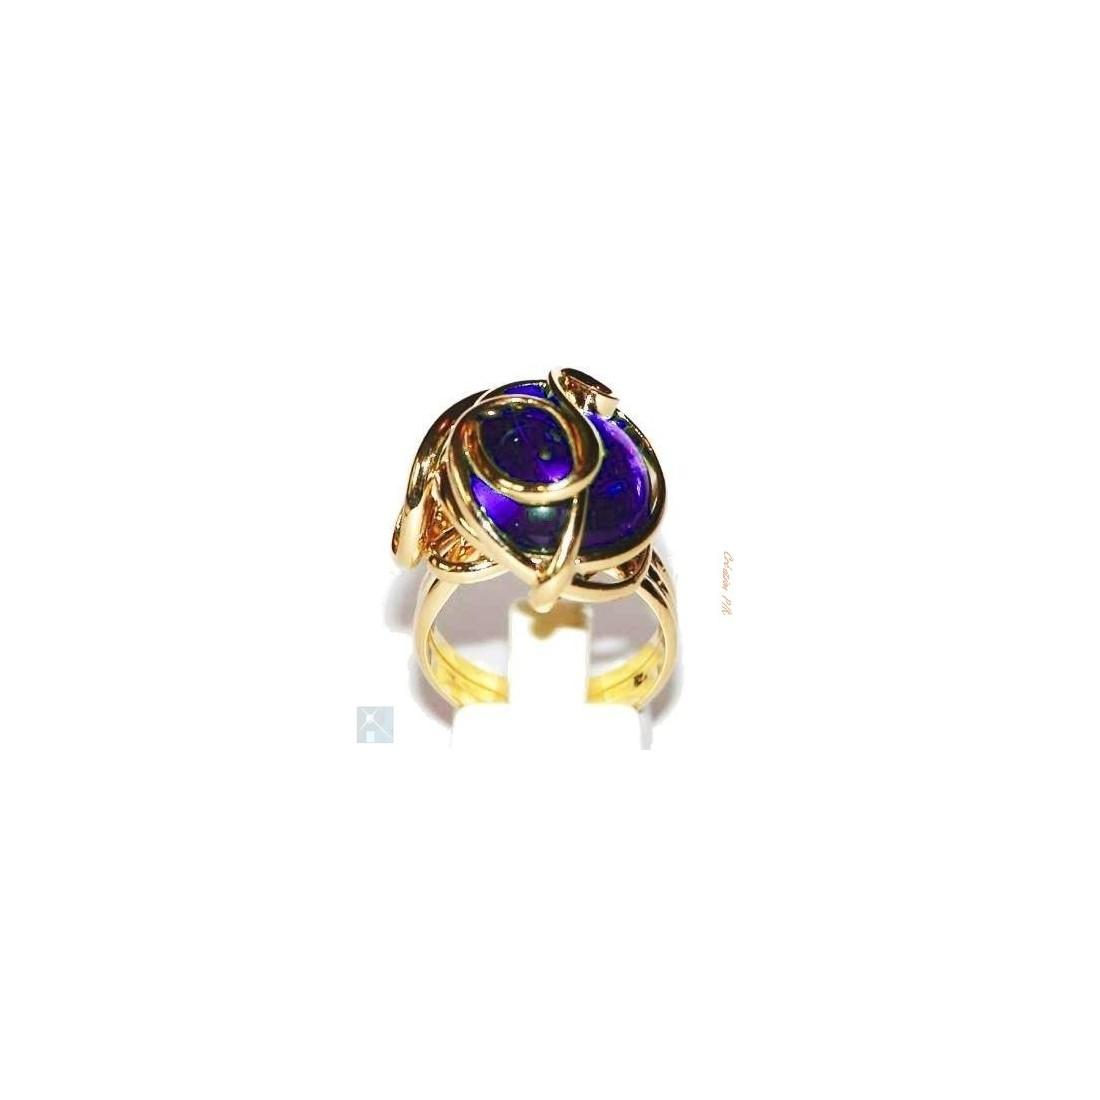 Bague fantaisie dorée avec une pierre violette. Bijou fait main.